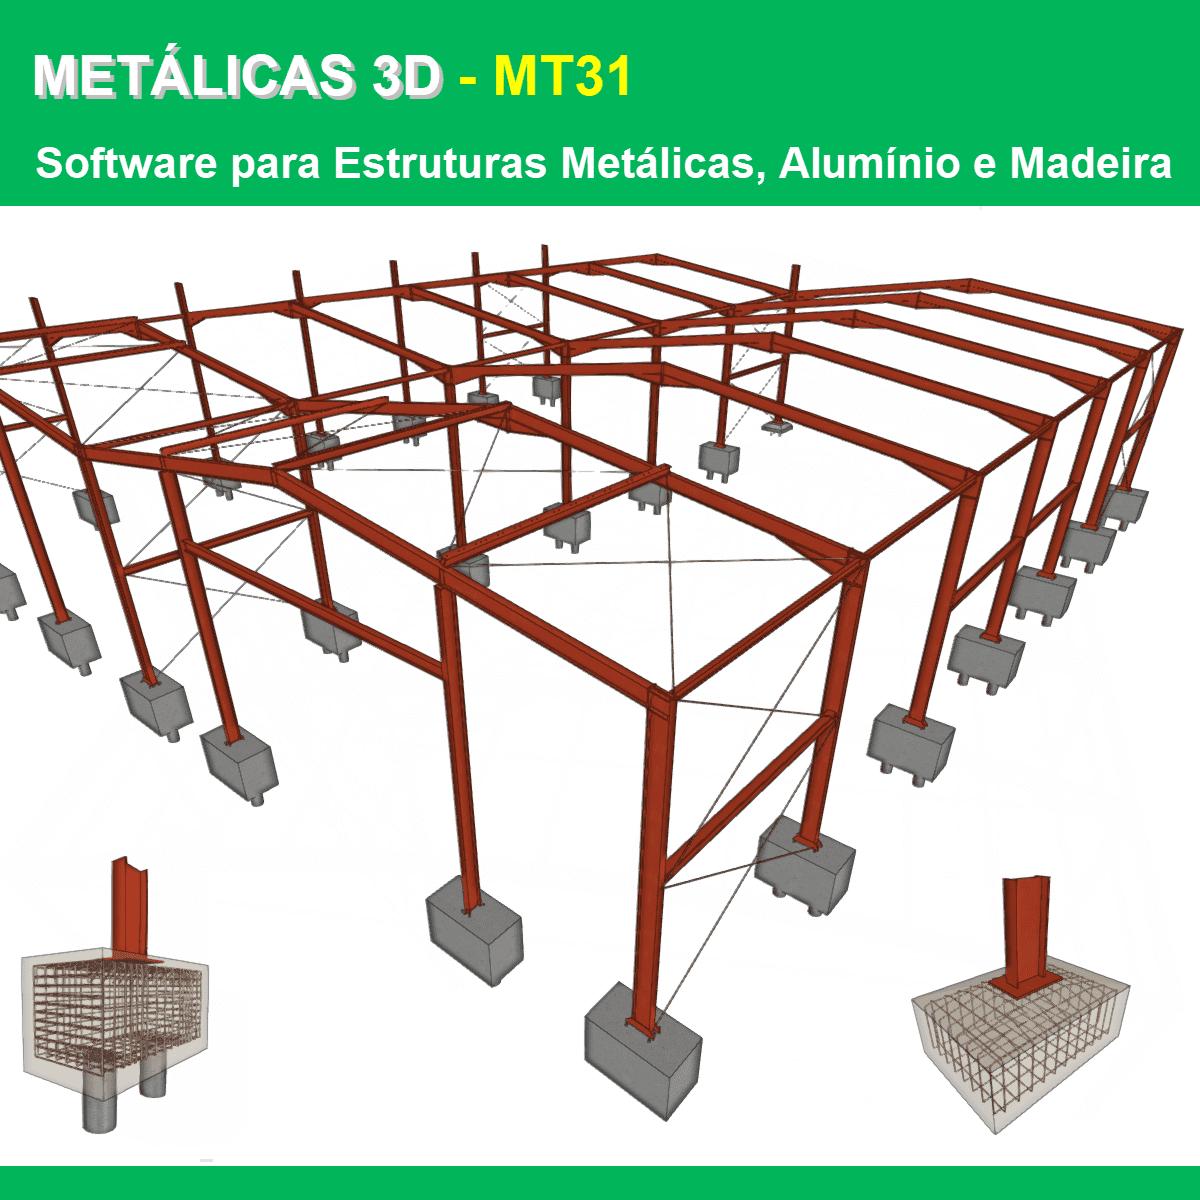 Software Metálicas 3D MT31 versão 2021 (Licença Eletrônica) incluindo Núcleo Básico, Sapatas, Blocos sobre Estacas, Placas de Base, Resistência ao Fogo e Gerador de Pórticos  - MULTIPLUS SOFTWARES